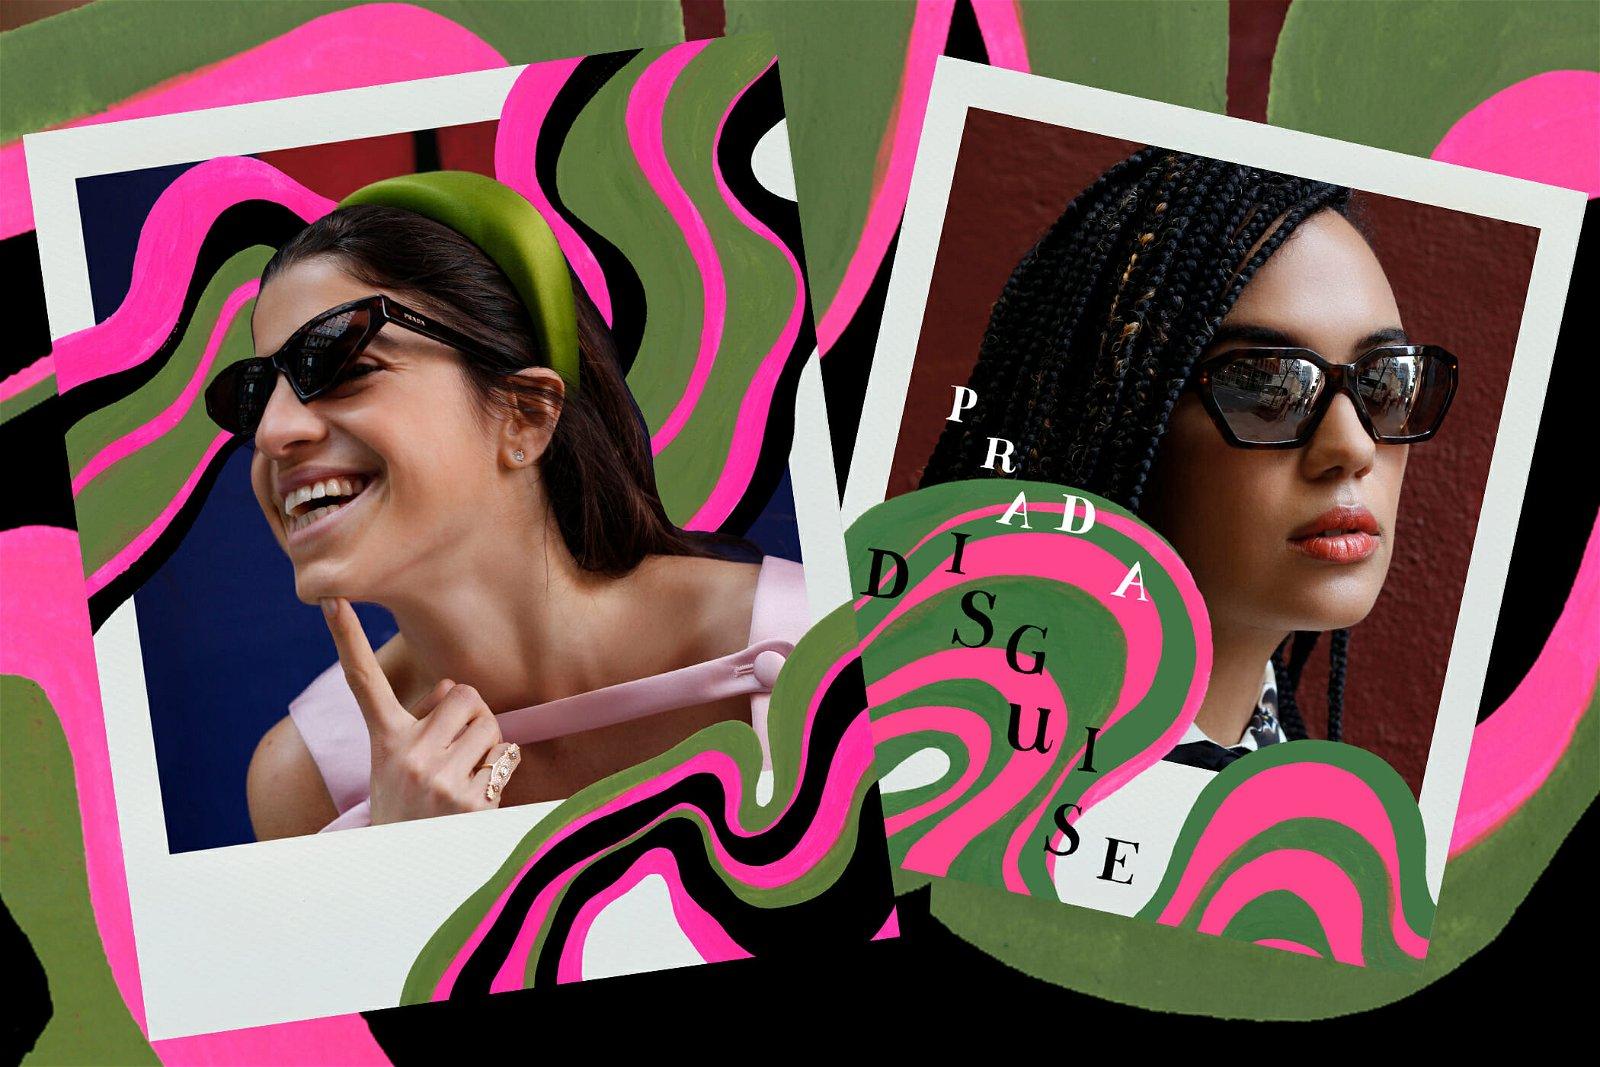 Prada-Eyewear-Man-Repeller-May-2019-prada-feature-man-repeller-may-2019.jpg